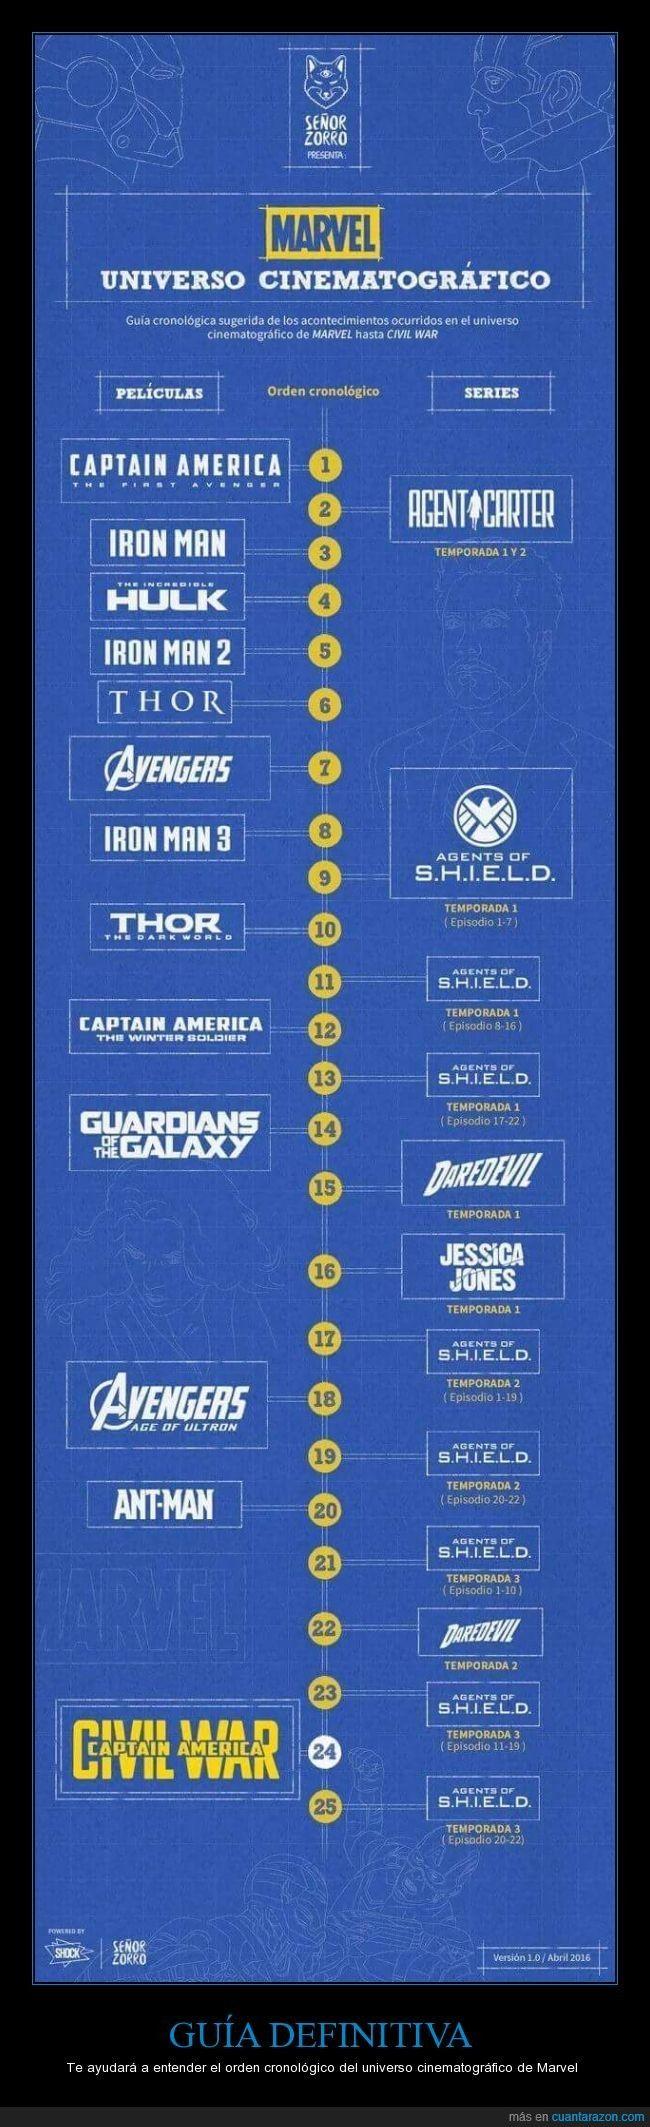 GUÍA DEFINITIVA - Te ayudará a entender el orden cronológico del universo cinematográfico de Marvel